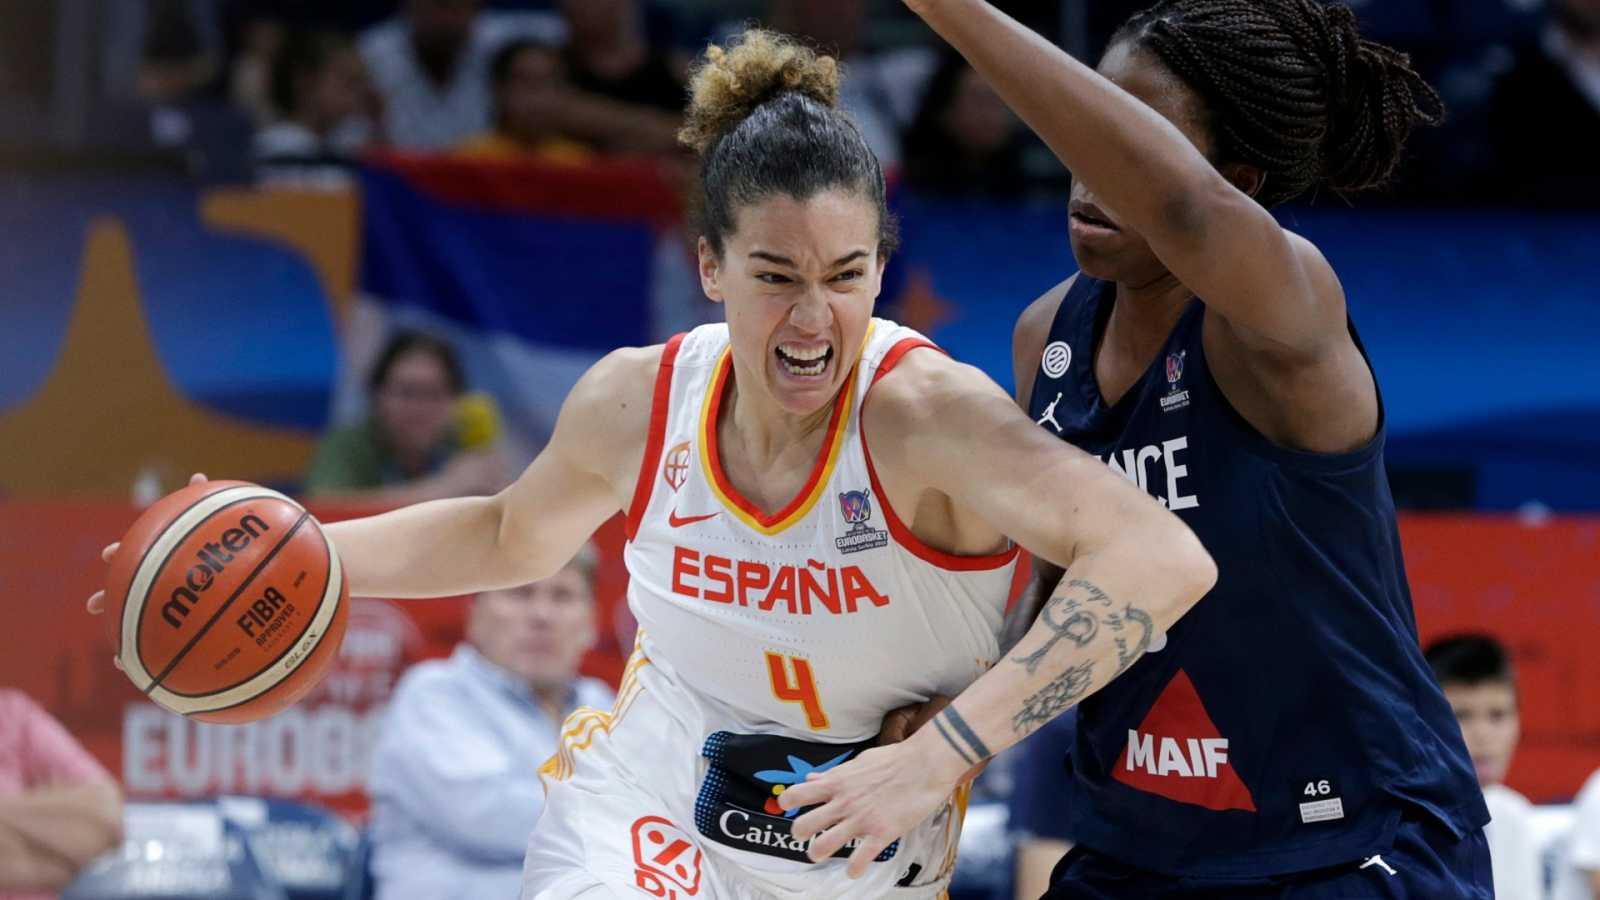 La jugadora Laura Nicholls durante un partido con la selección española de baloncesto